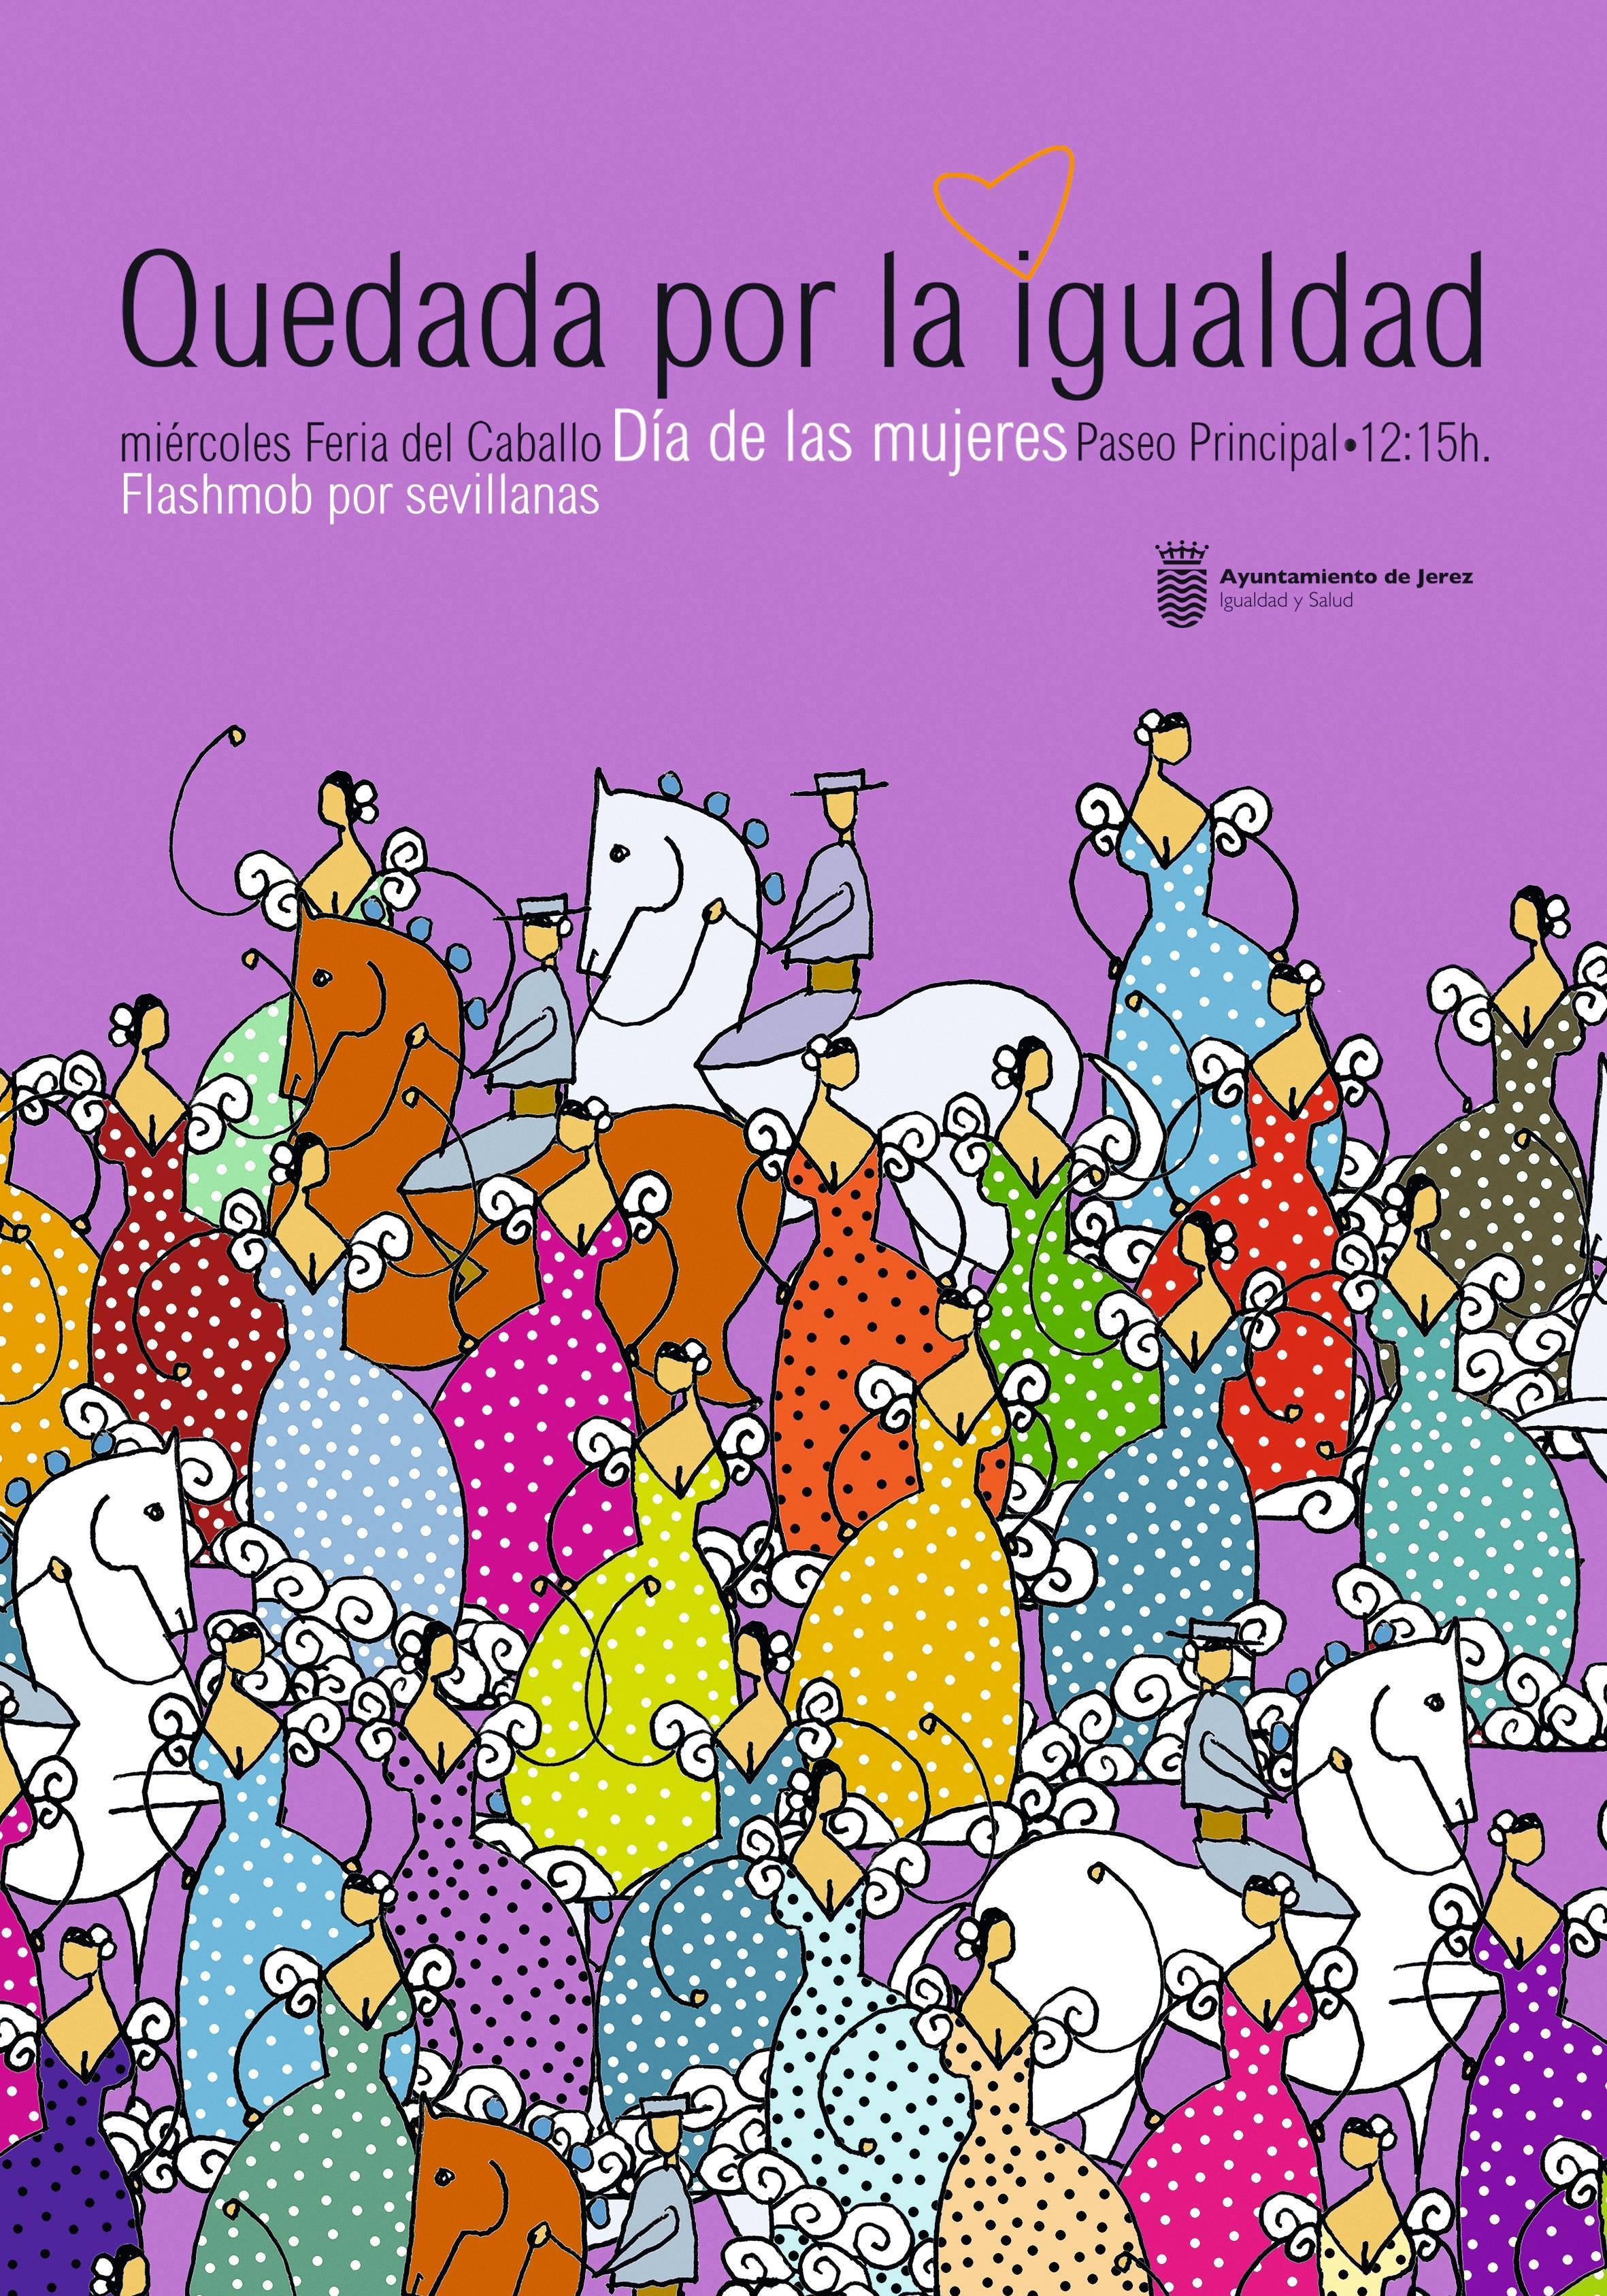 Cartel del Flashmob por sevillanas organizado en Jerez de la Frontera, 04/05/16.